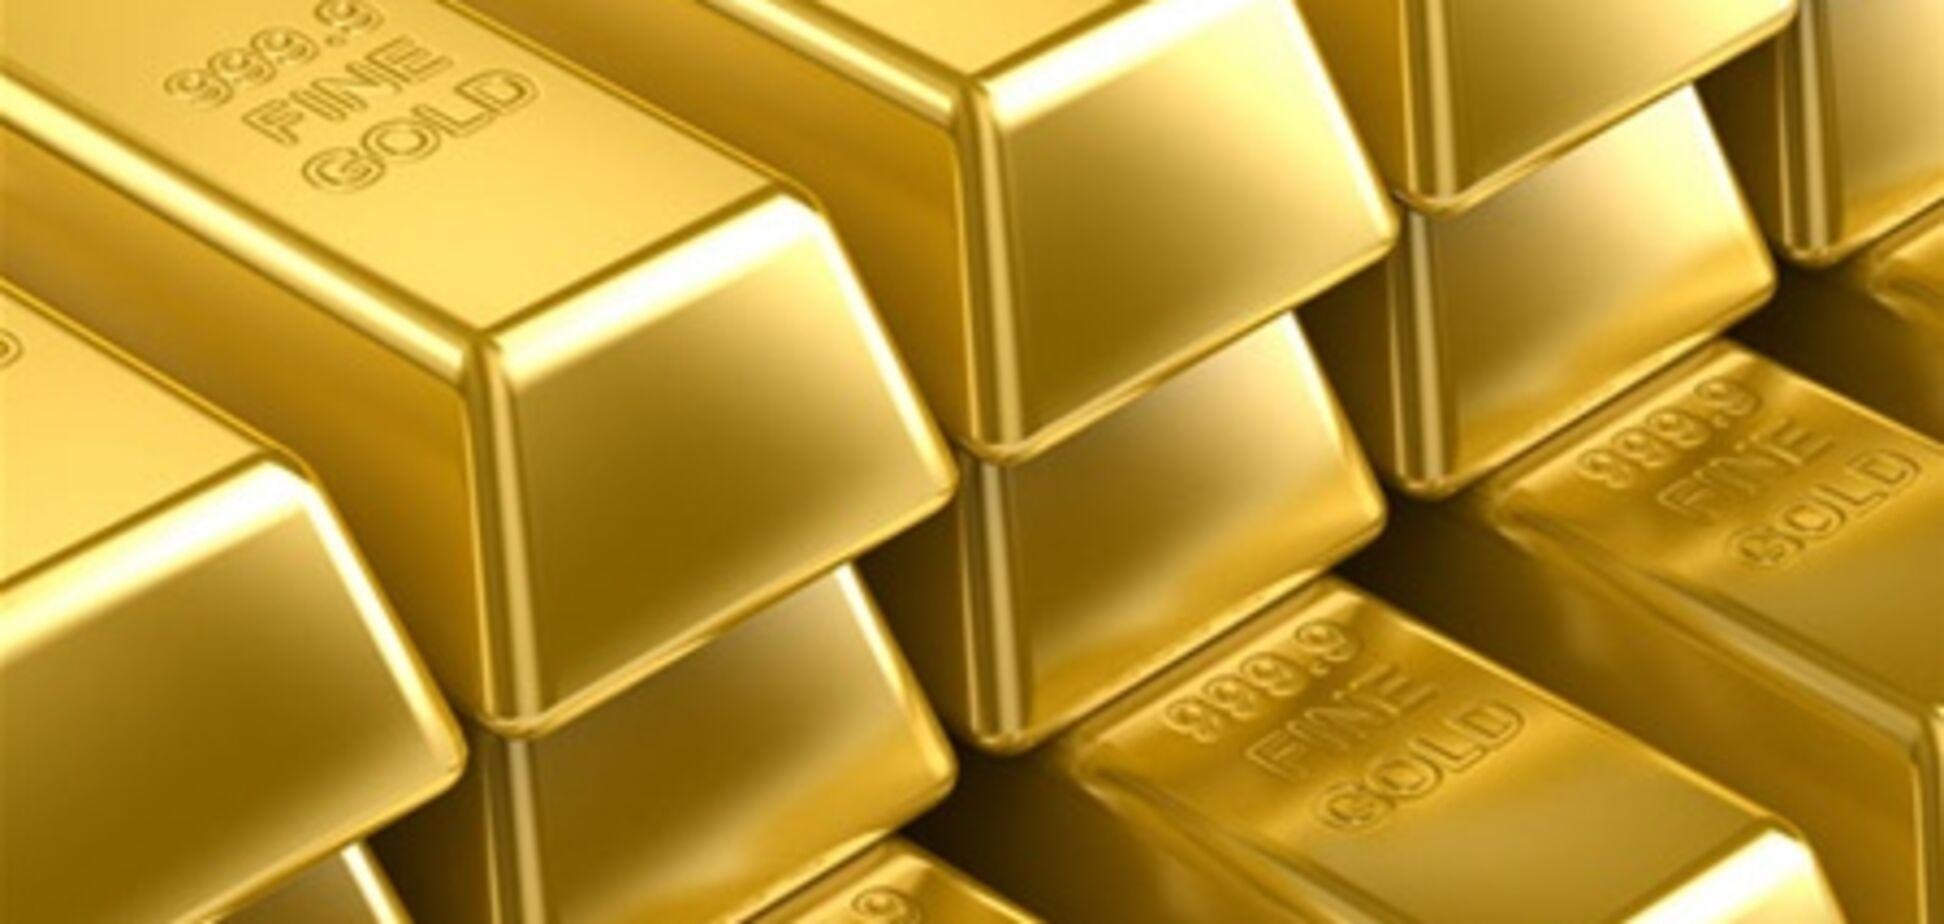 Знайдені у французькому поїзді 20 кг золота виявилися фальшивими